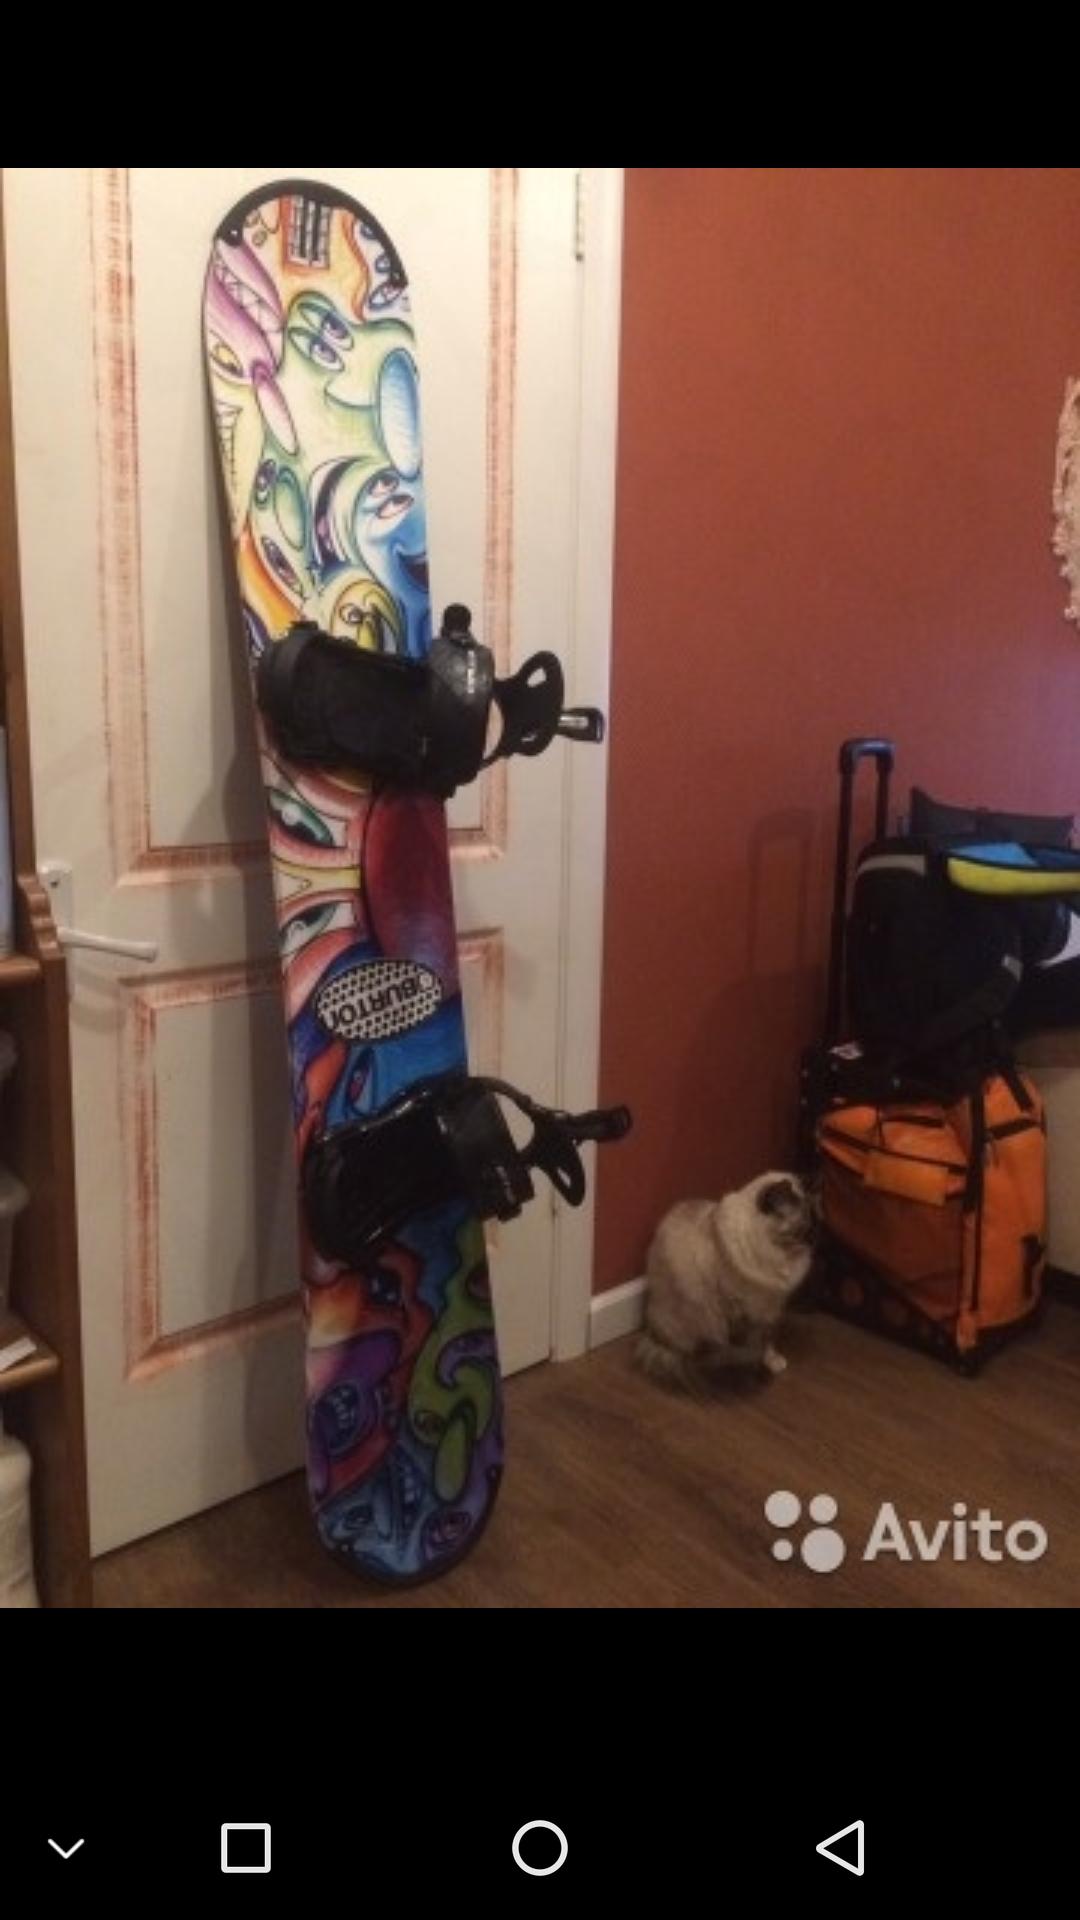 Уже наклееная виниловая сноуборд наклейка